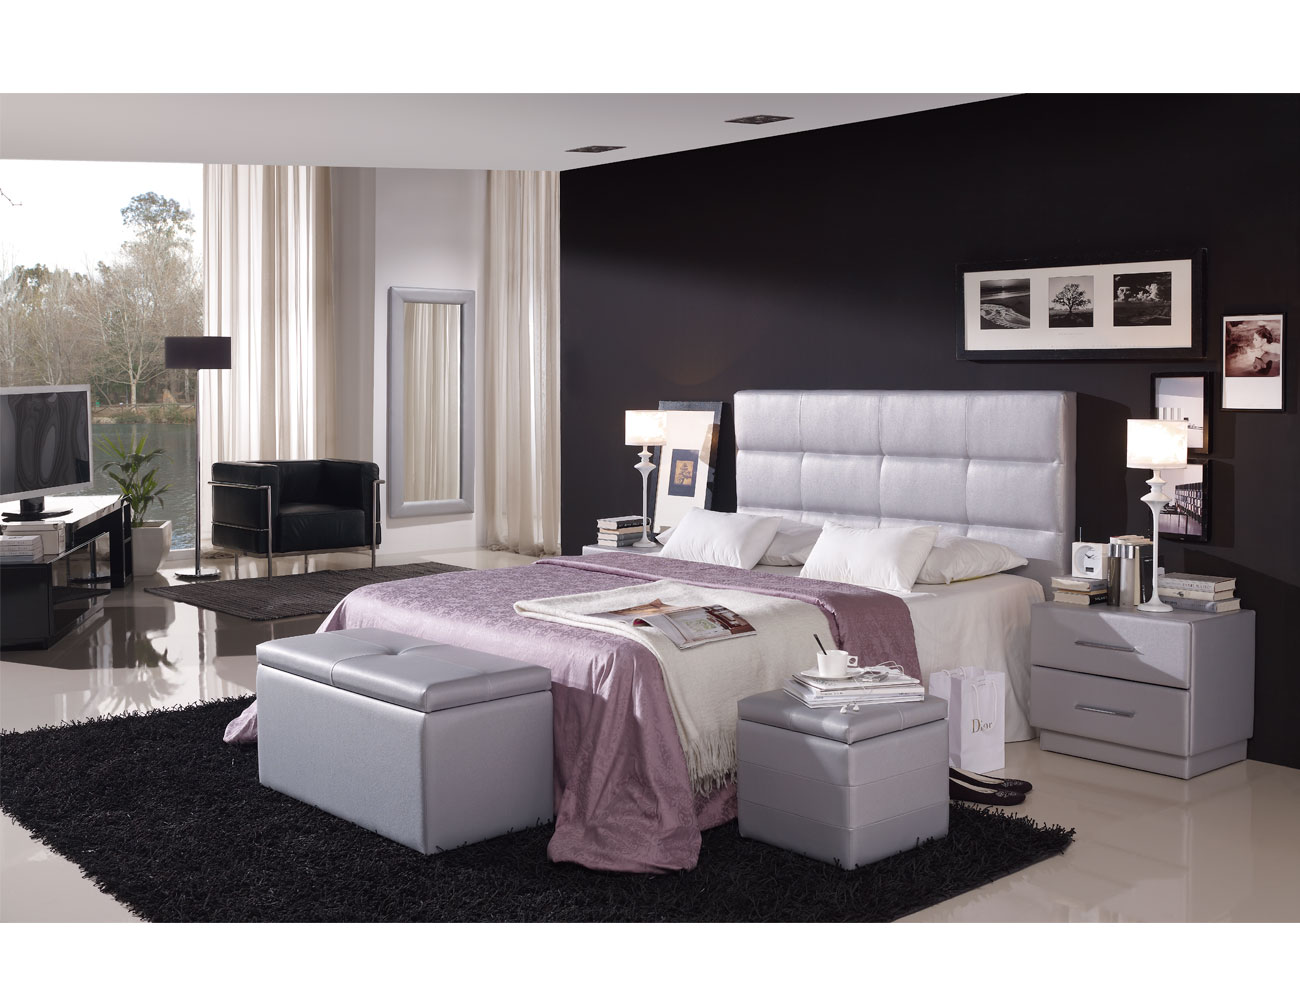 23 marco tapizado dormitorio924